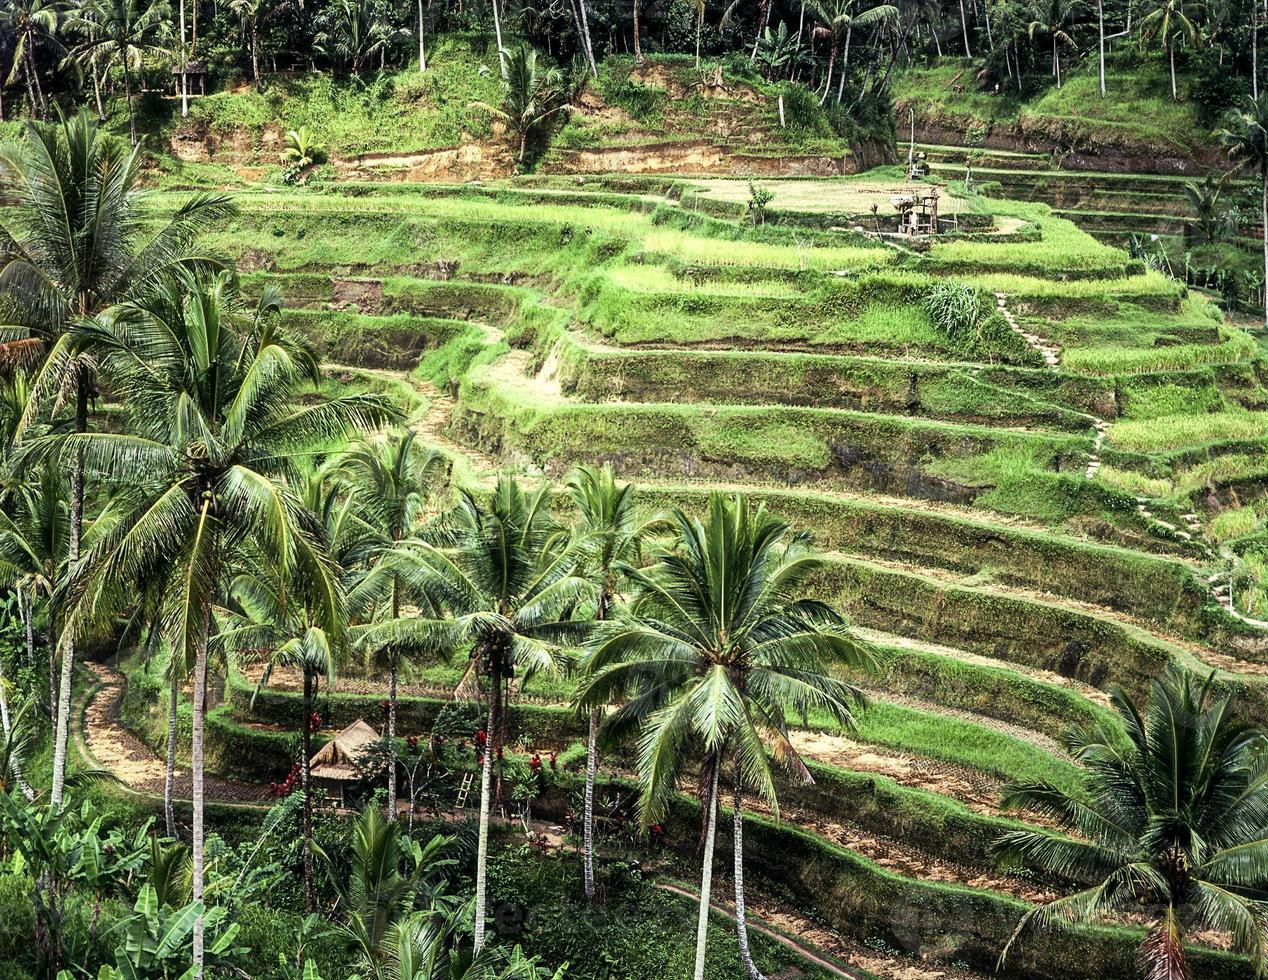 arrozais em socalcos em bali foto